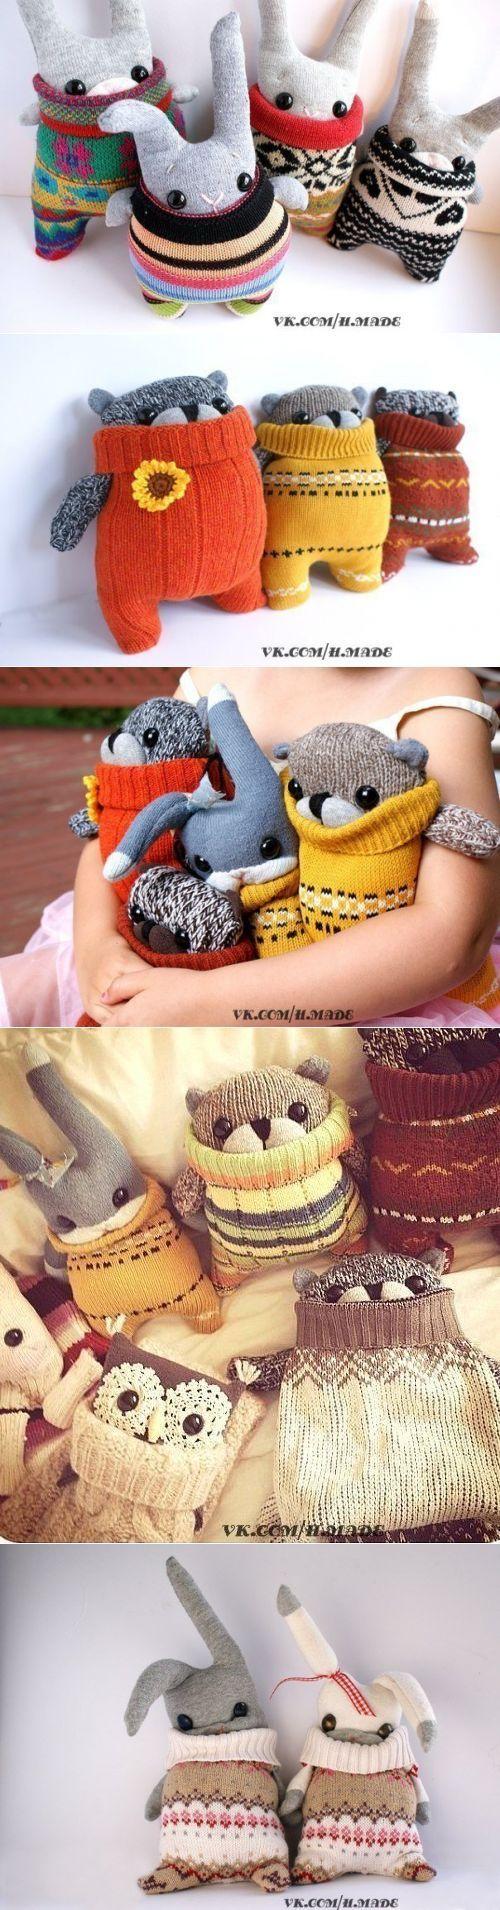 Мягкие друзья в свитерочках. Идея игрушек